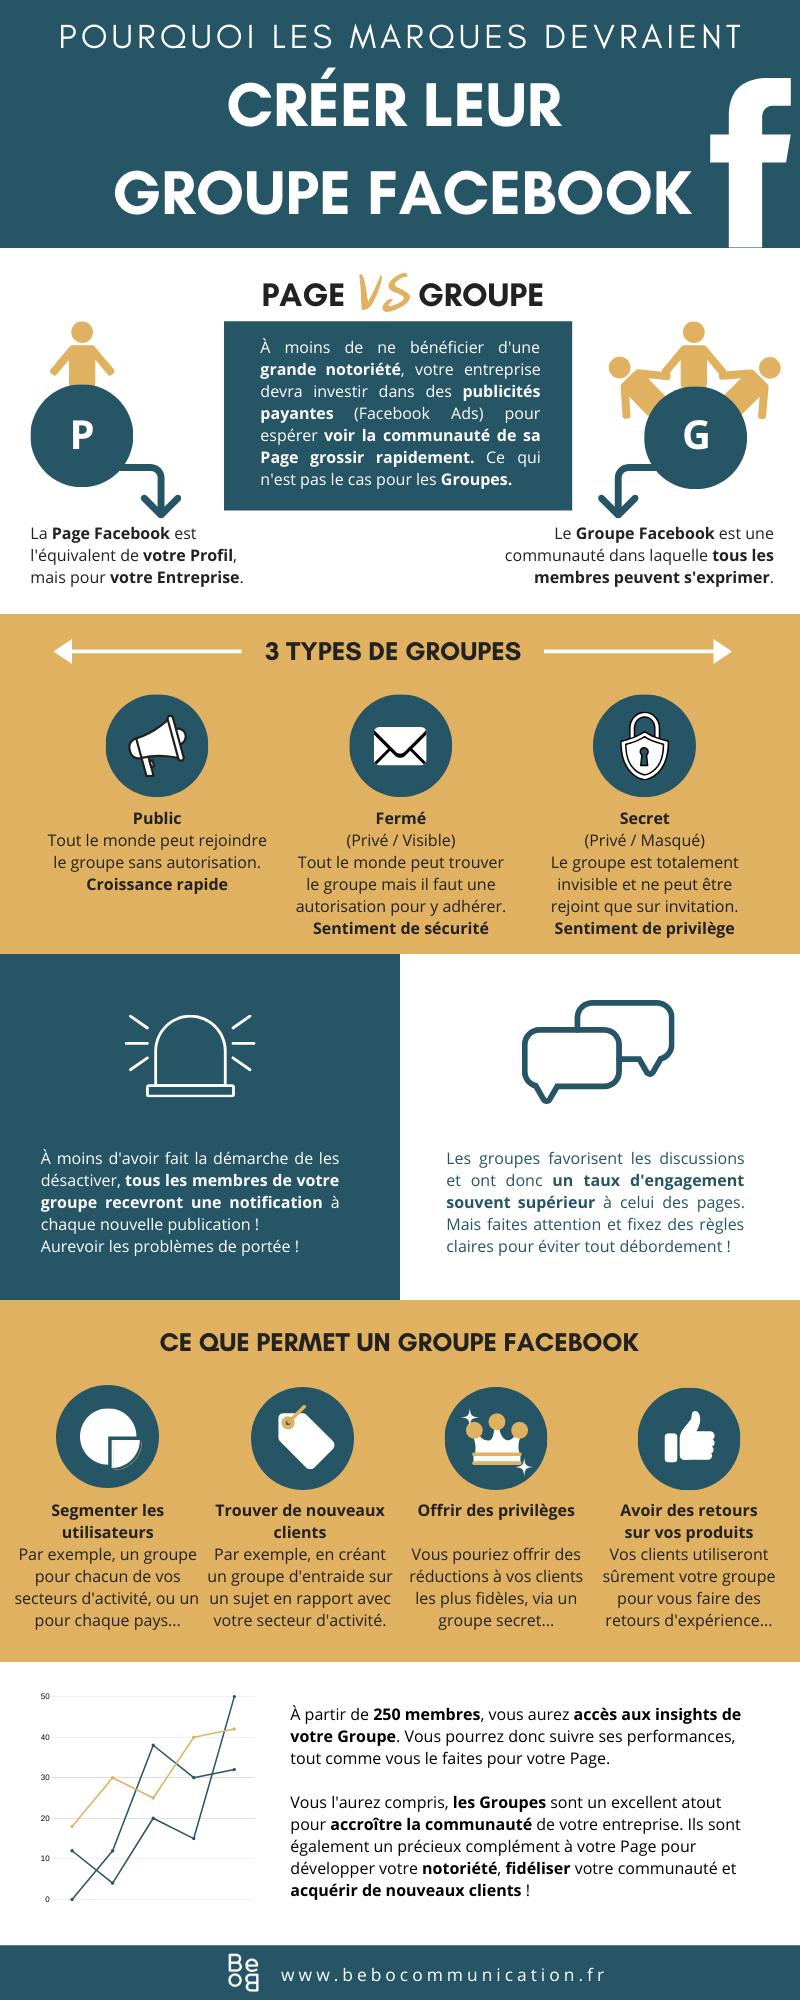 Pourquoi les marques devraient créer un groupe FaceBook